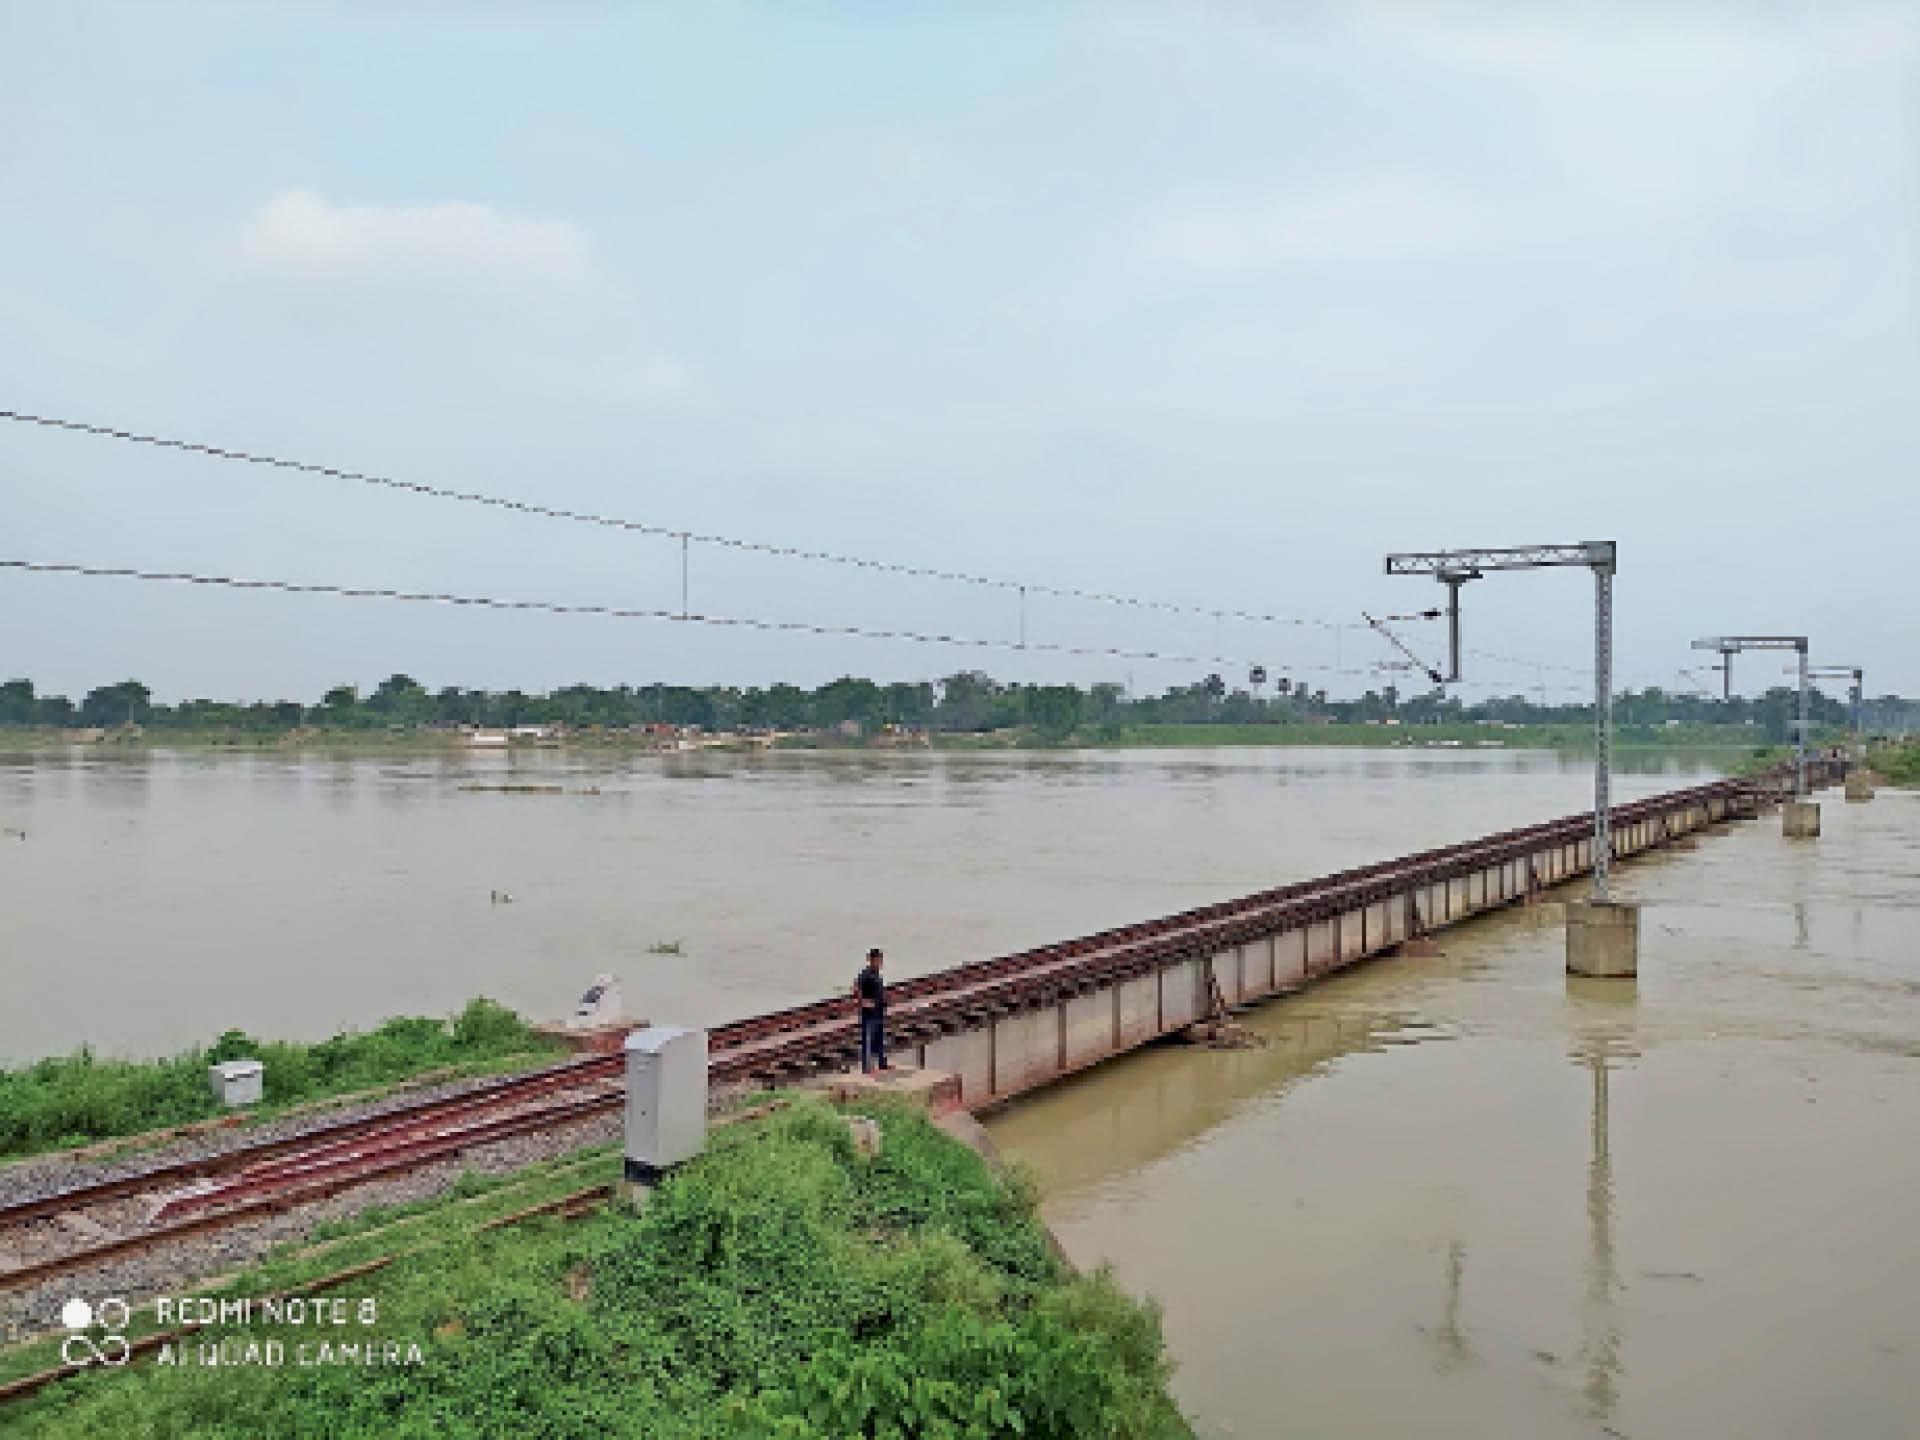 हायाघाट में बाढ़ आने के बाद रेलवे पुल संख्या-16 के नजदीक गाटर में बाढ़ का पानी सटने में 1 फीट बाकी है। निगहबानी करते कर्मी। - Dainik Bhaskar